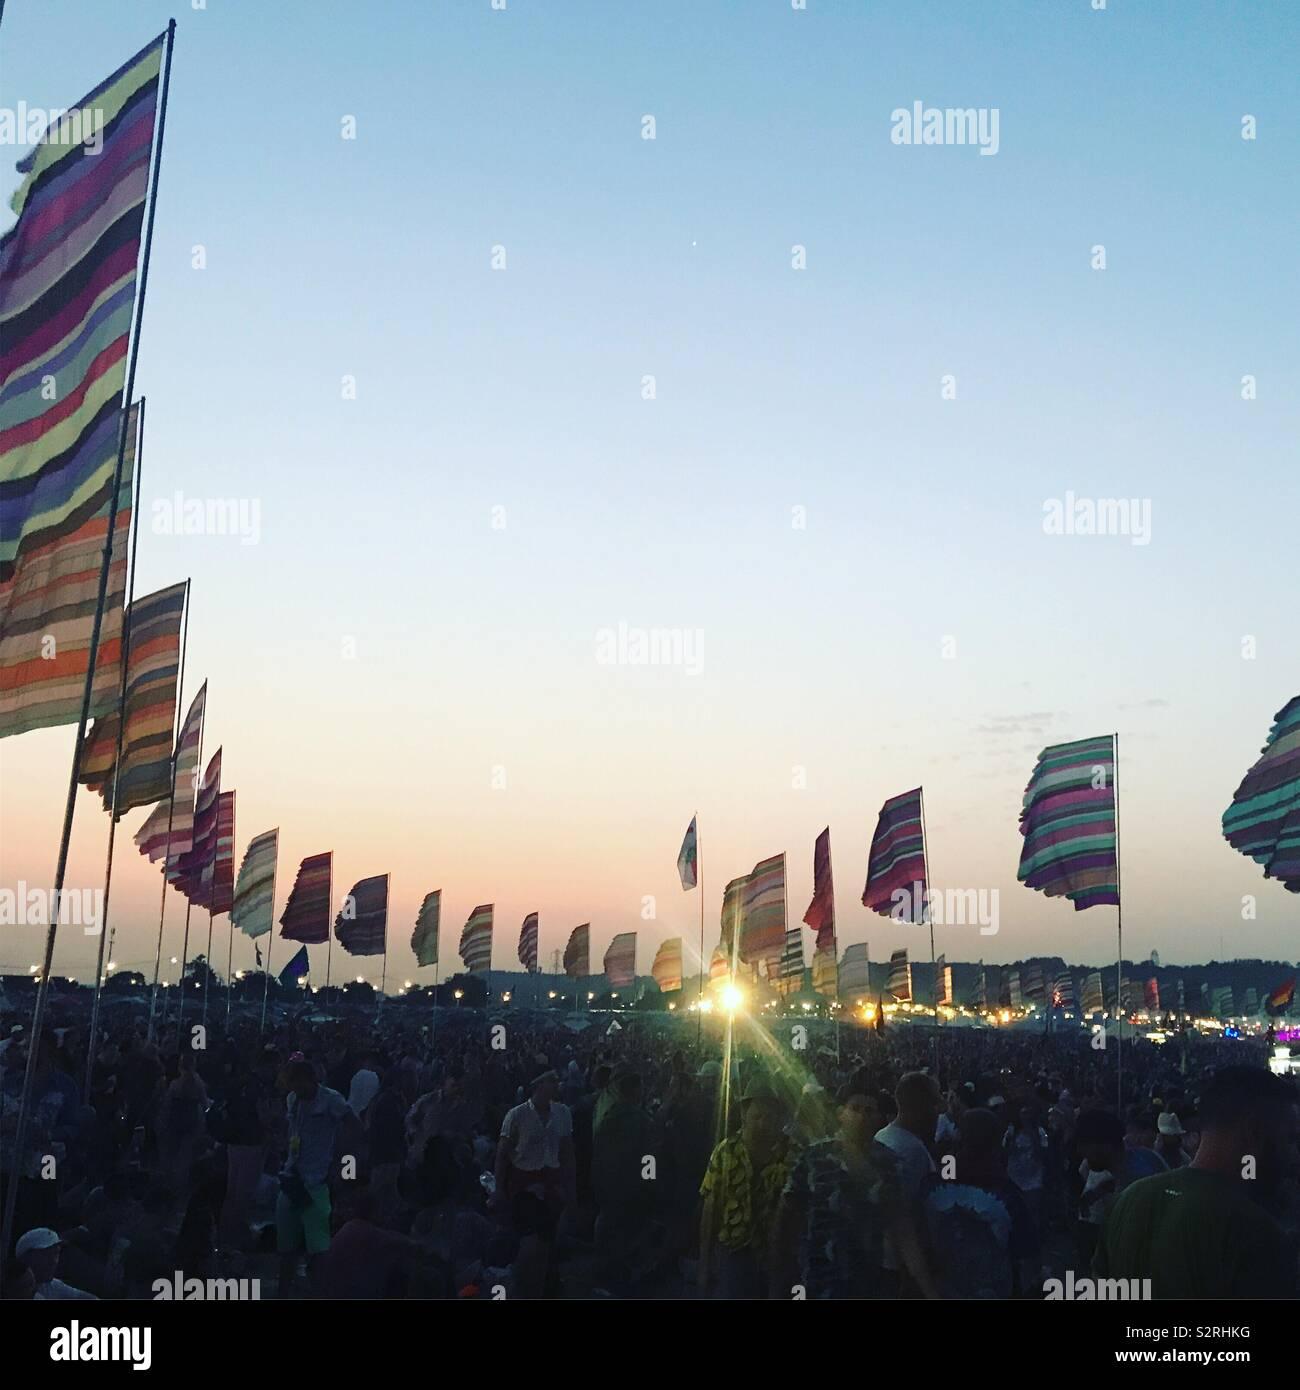 Puesta de sol en el otro escenario, el festival de Glastonbury 2019 Imagen De Stock